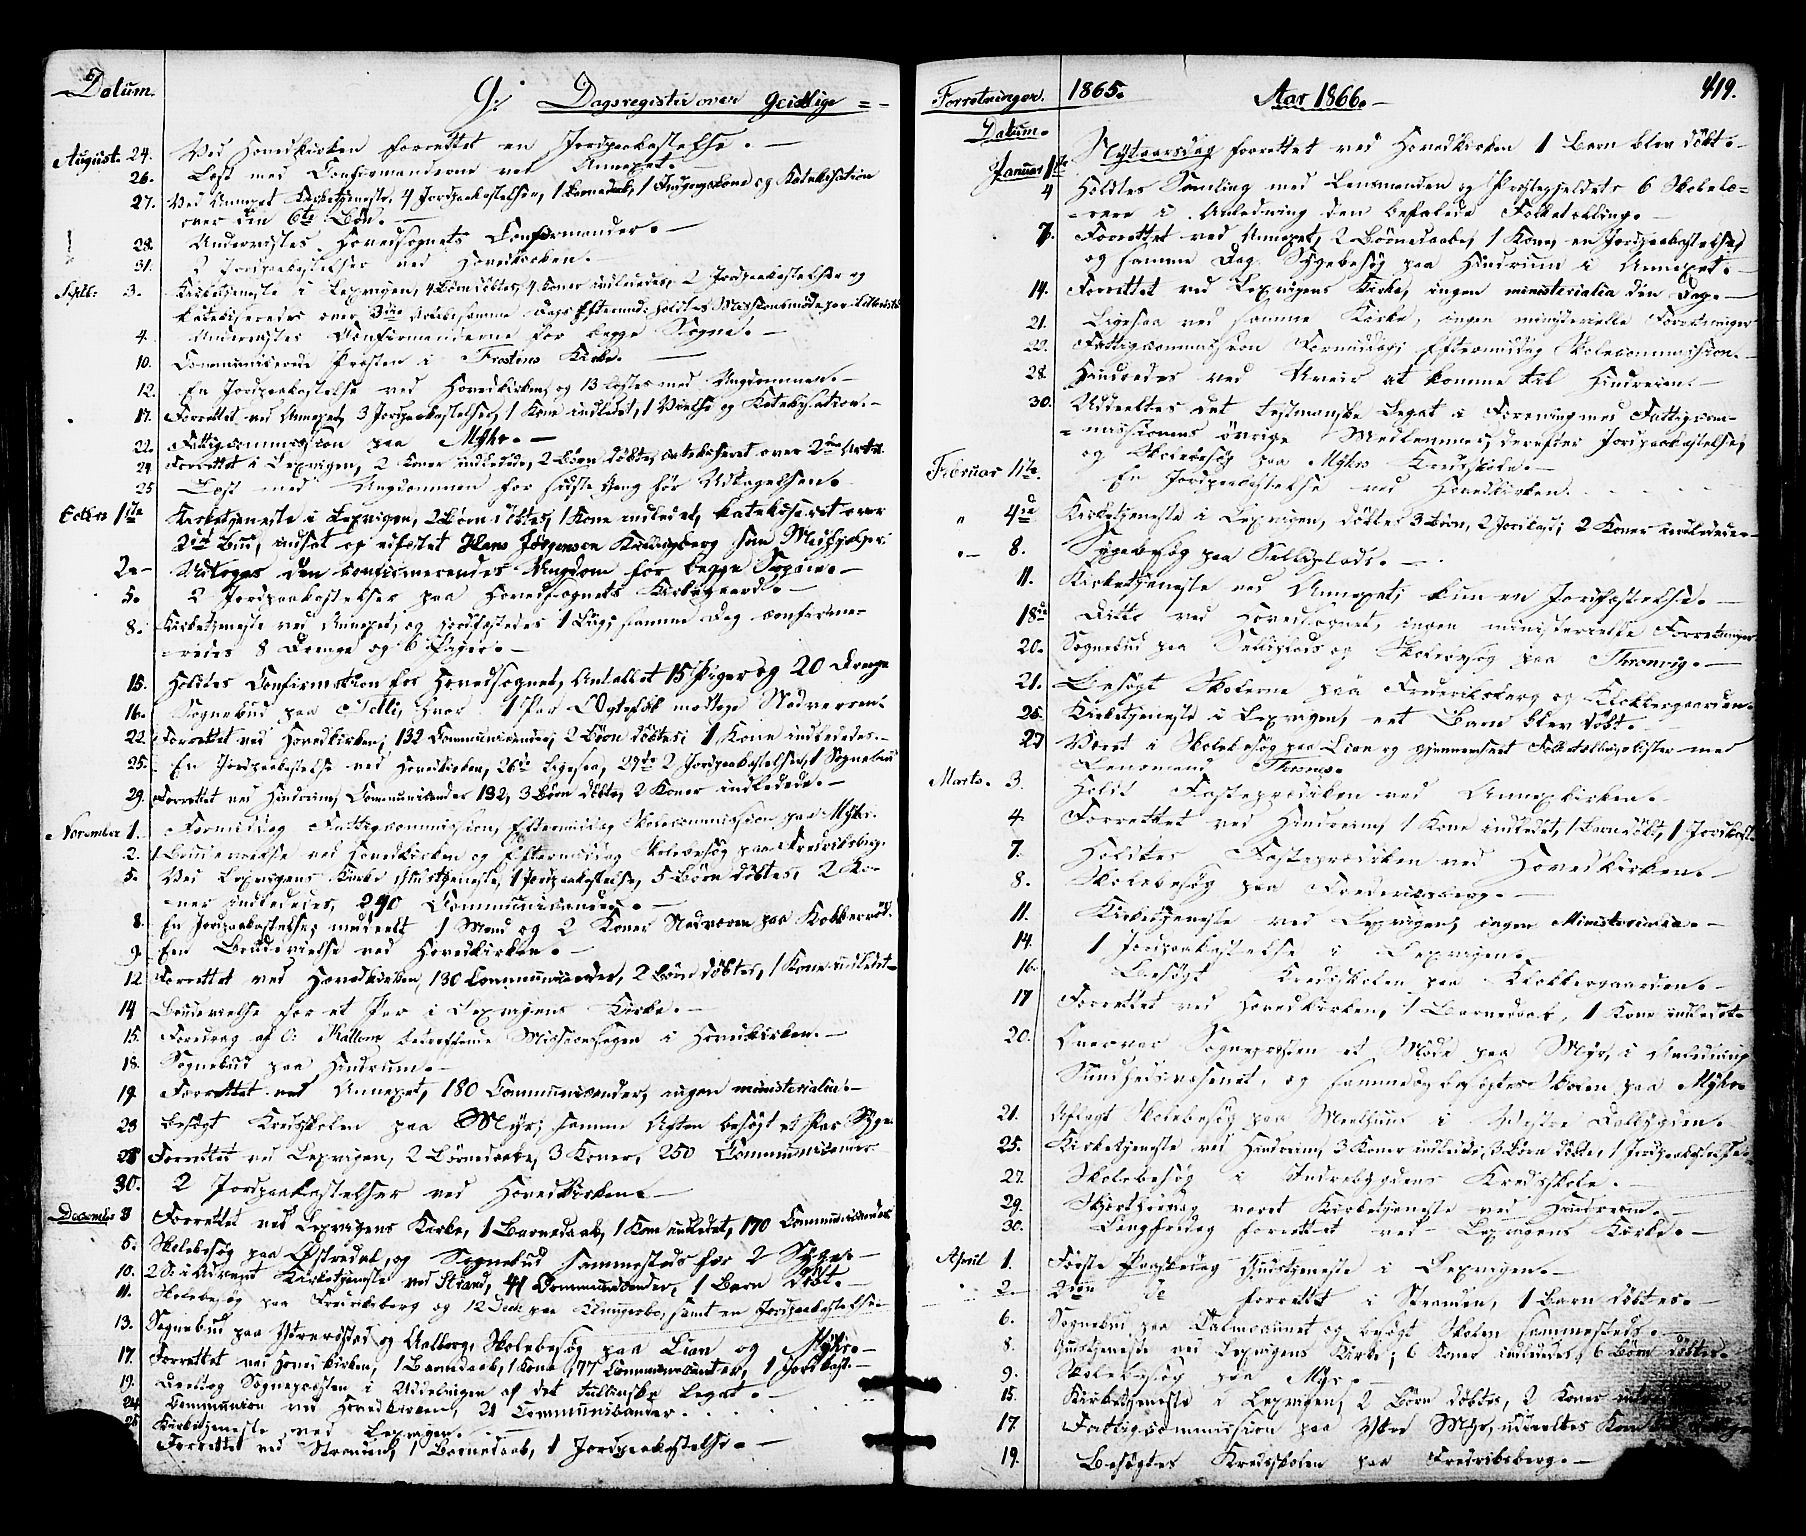 SAT, Ministerialprotokoller, klokkerbøker og fødselsregistre - Nord-Trøndelag, 701/L0009: Ministerialbok nr. 701A09 /1, 1864-1882, s. 419